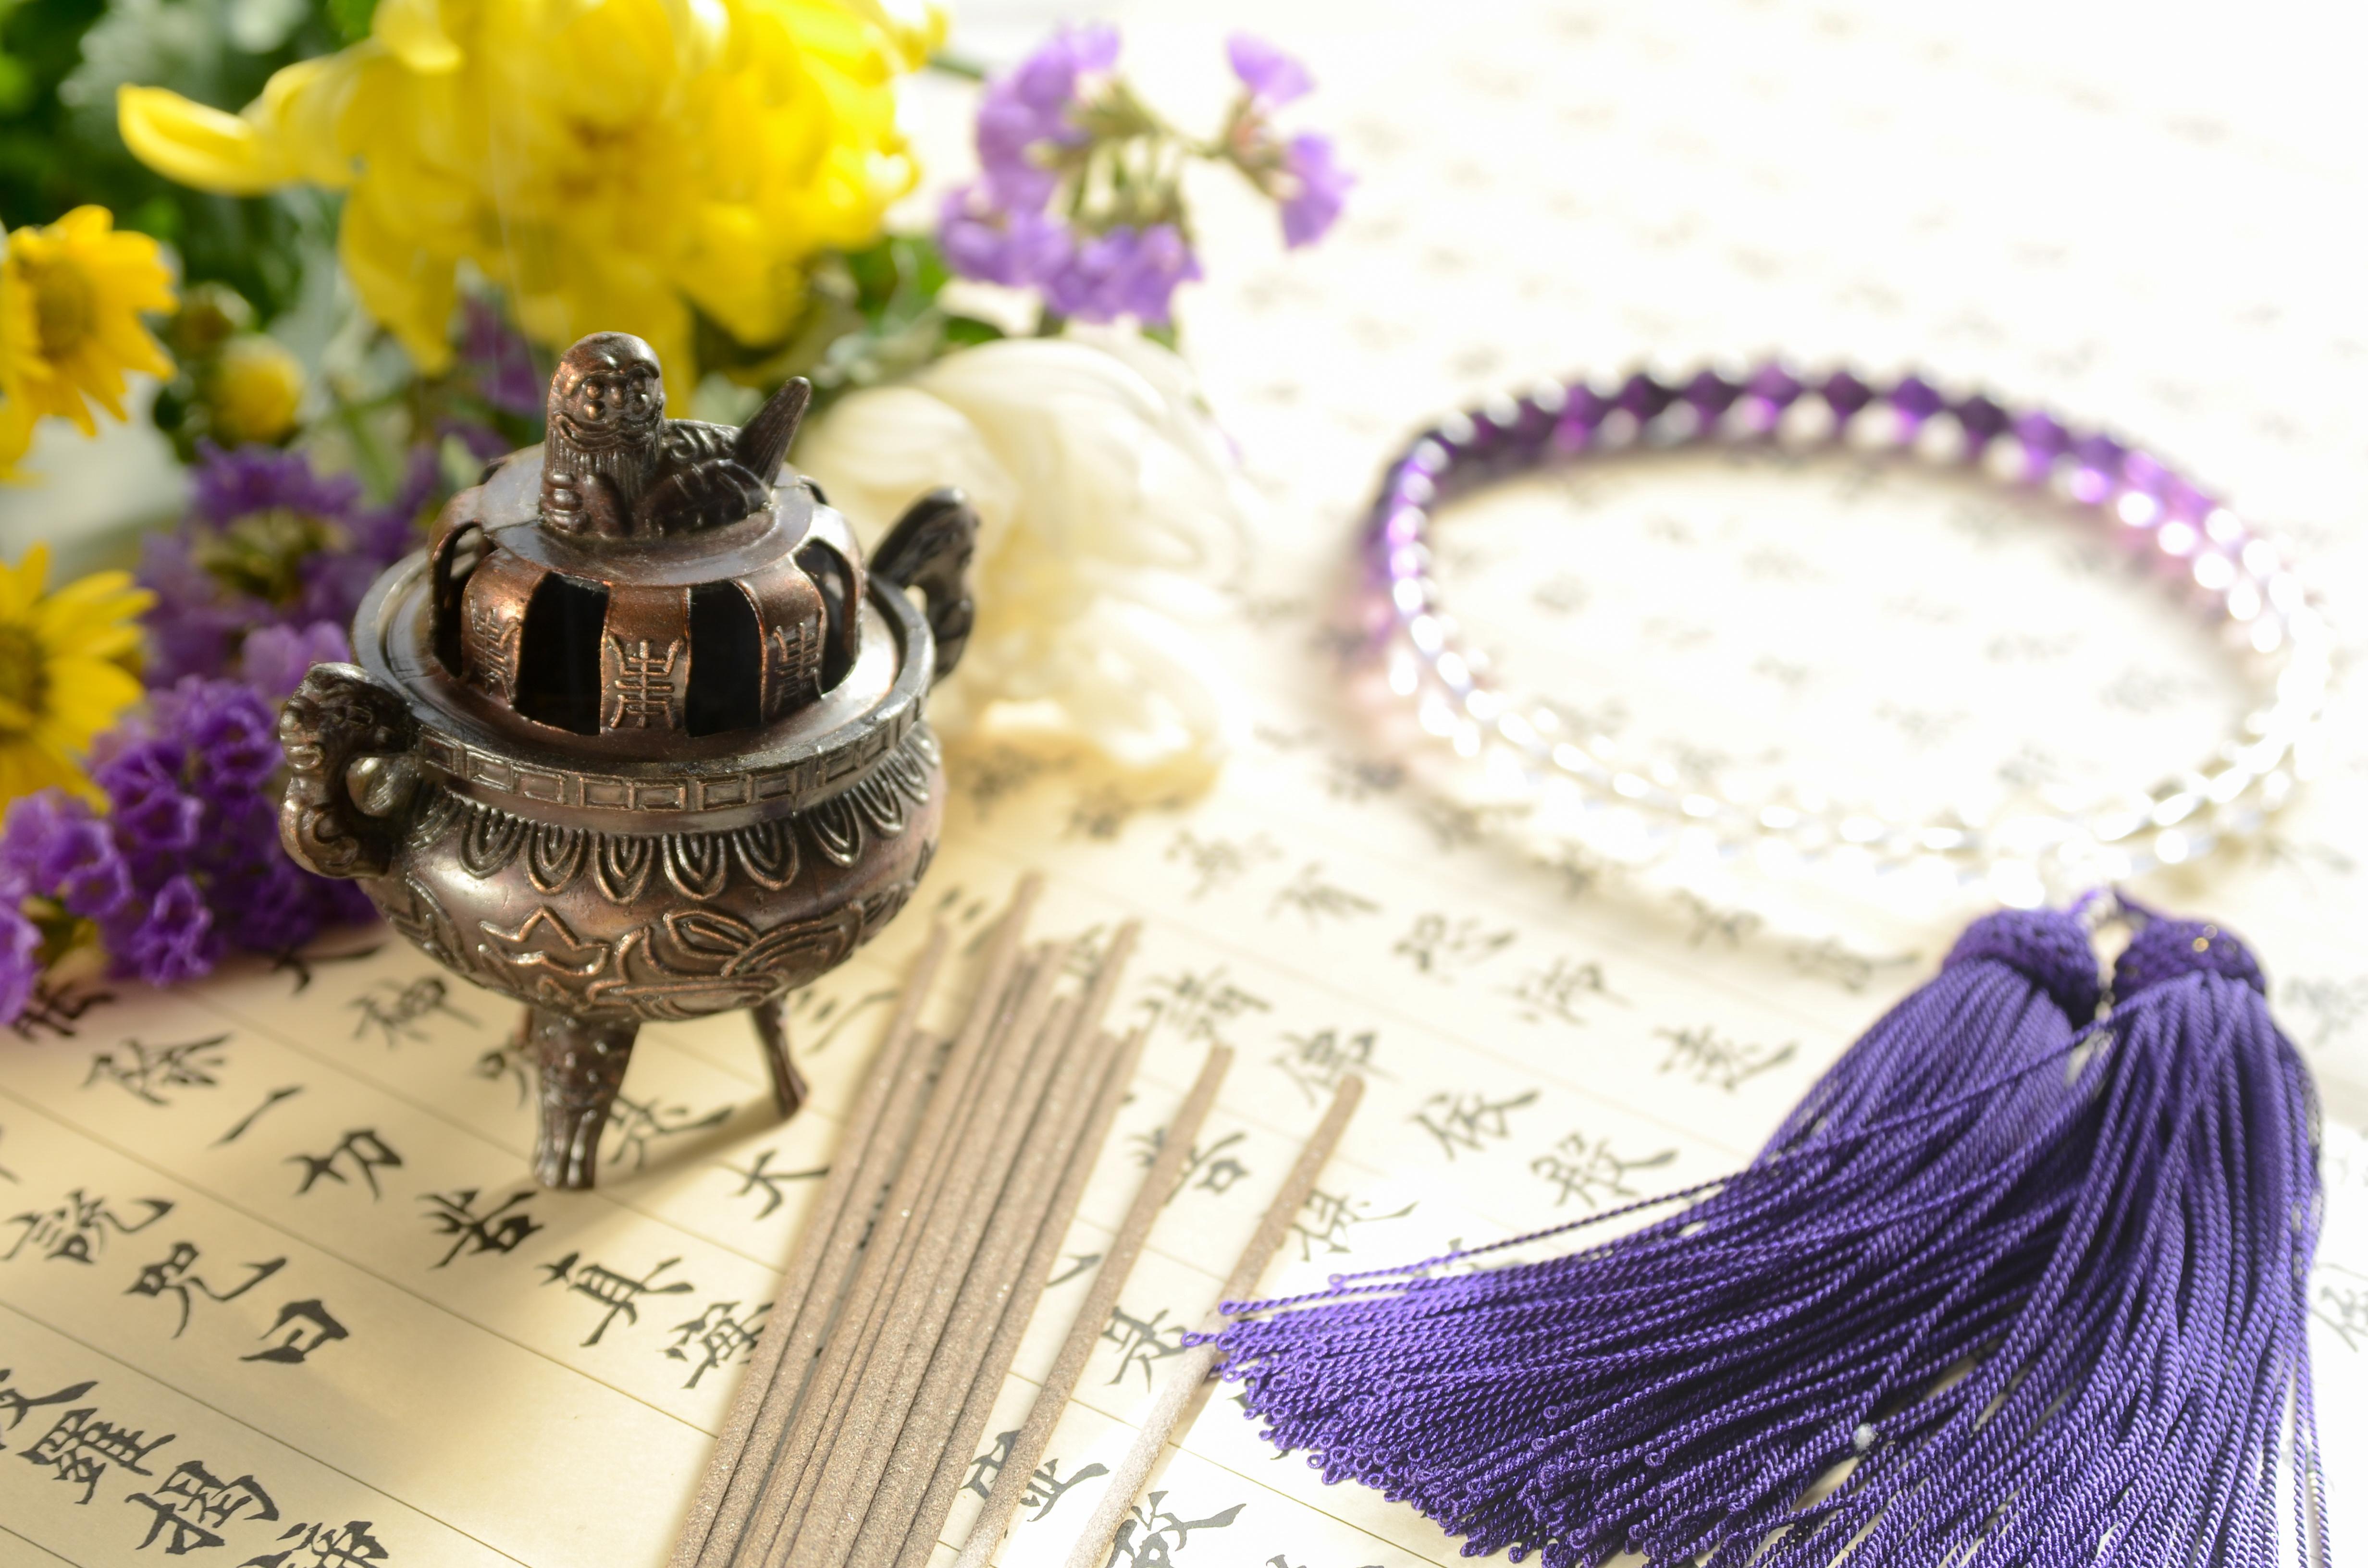 浄土真宗の仏壇の飾り方を解説!仏壇の置き方や選び方も紹介のサムネイル画像